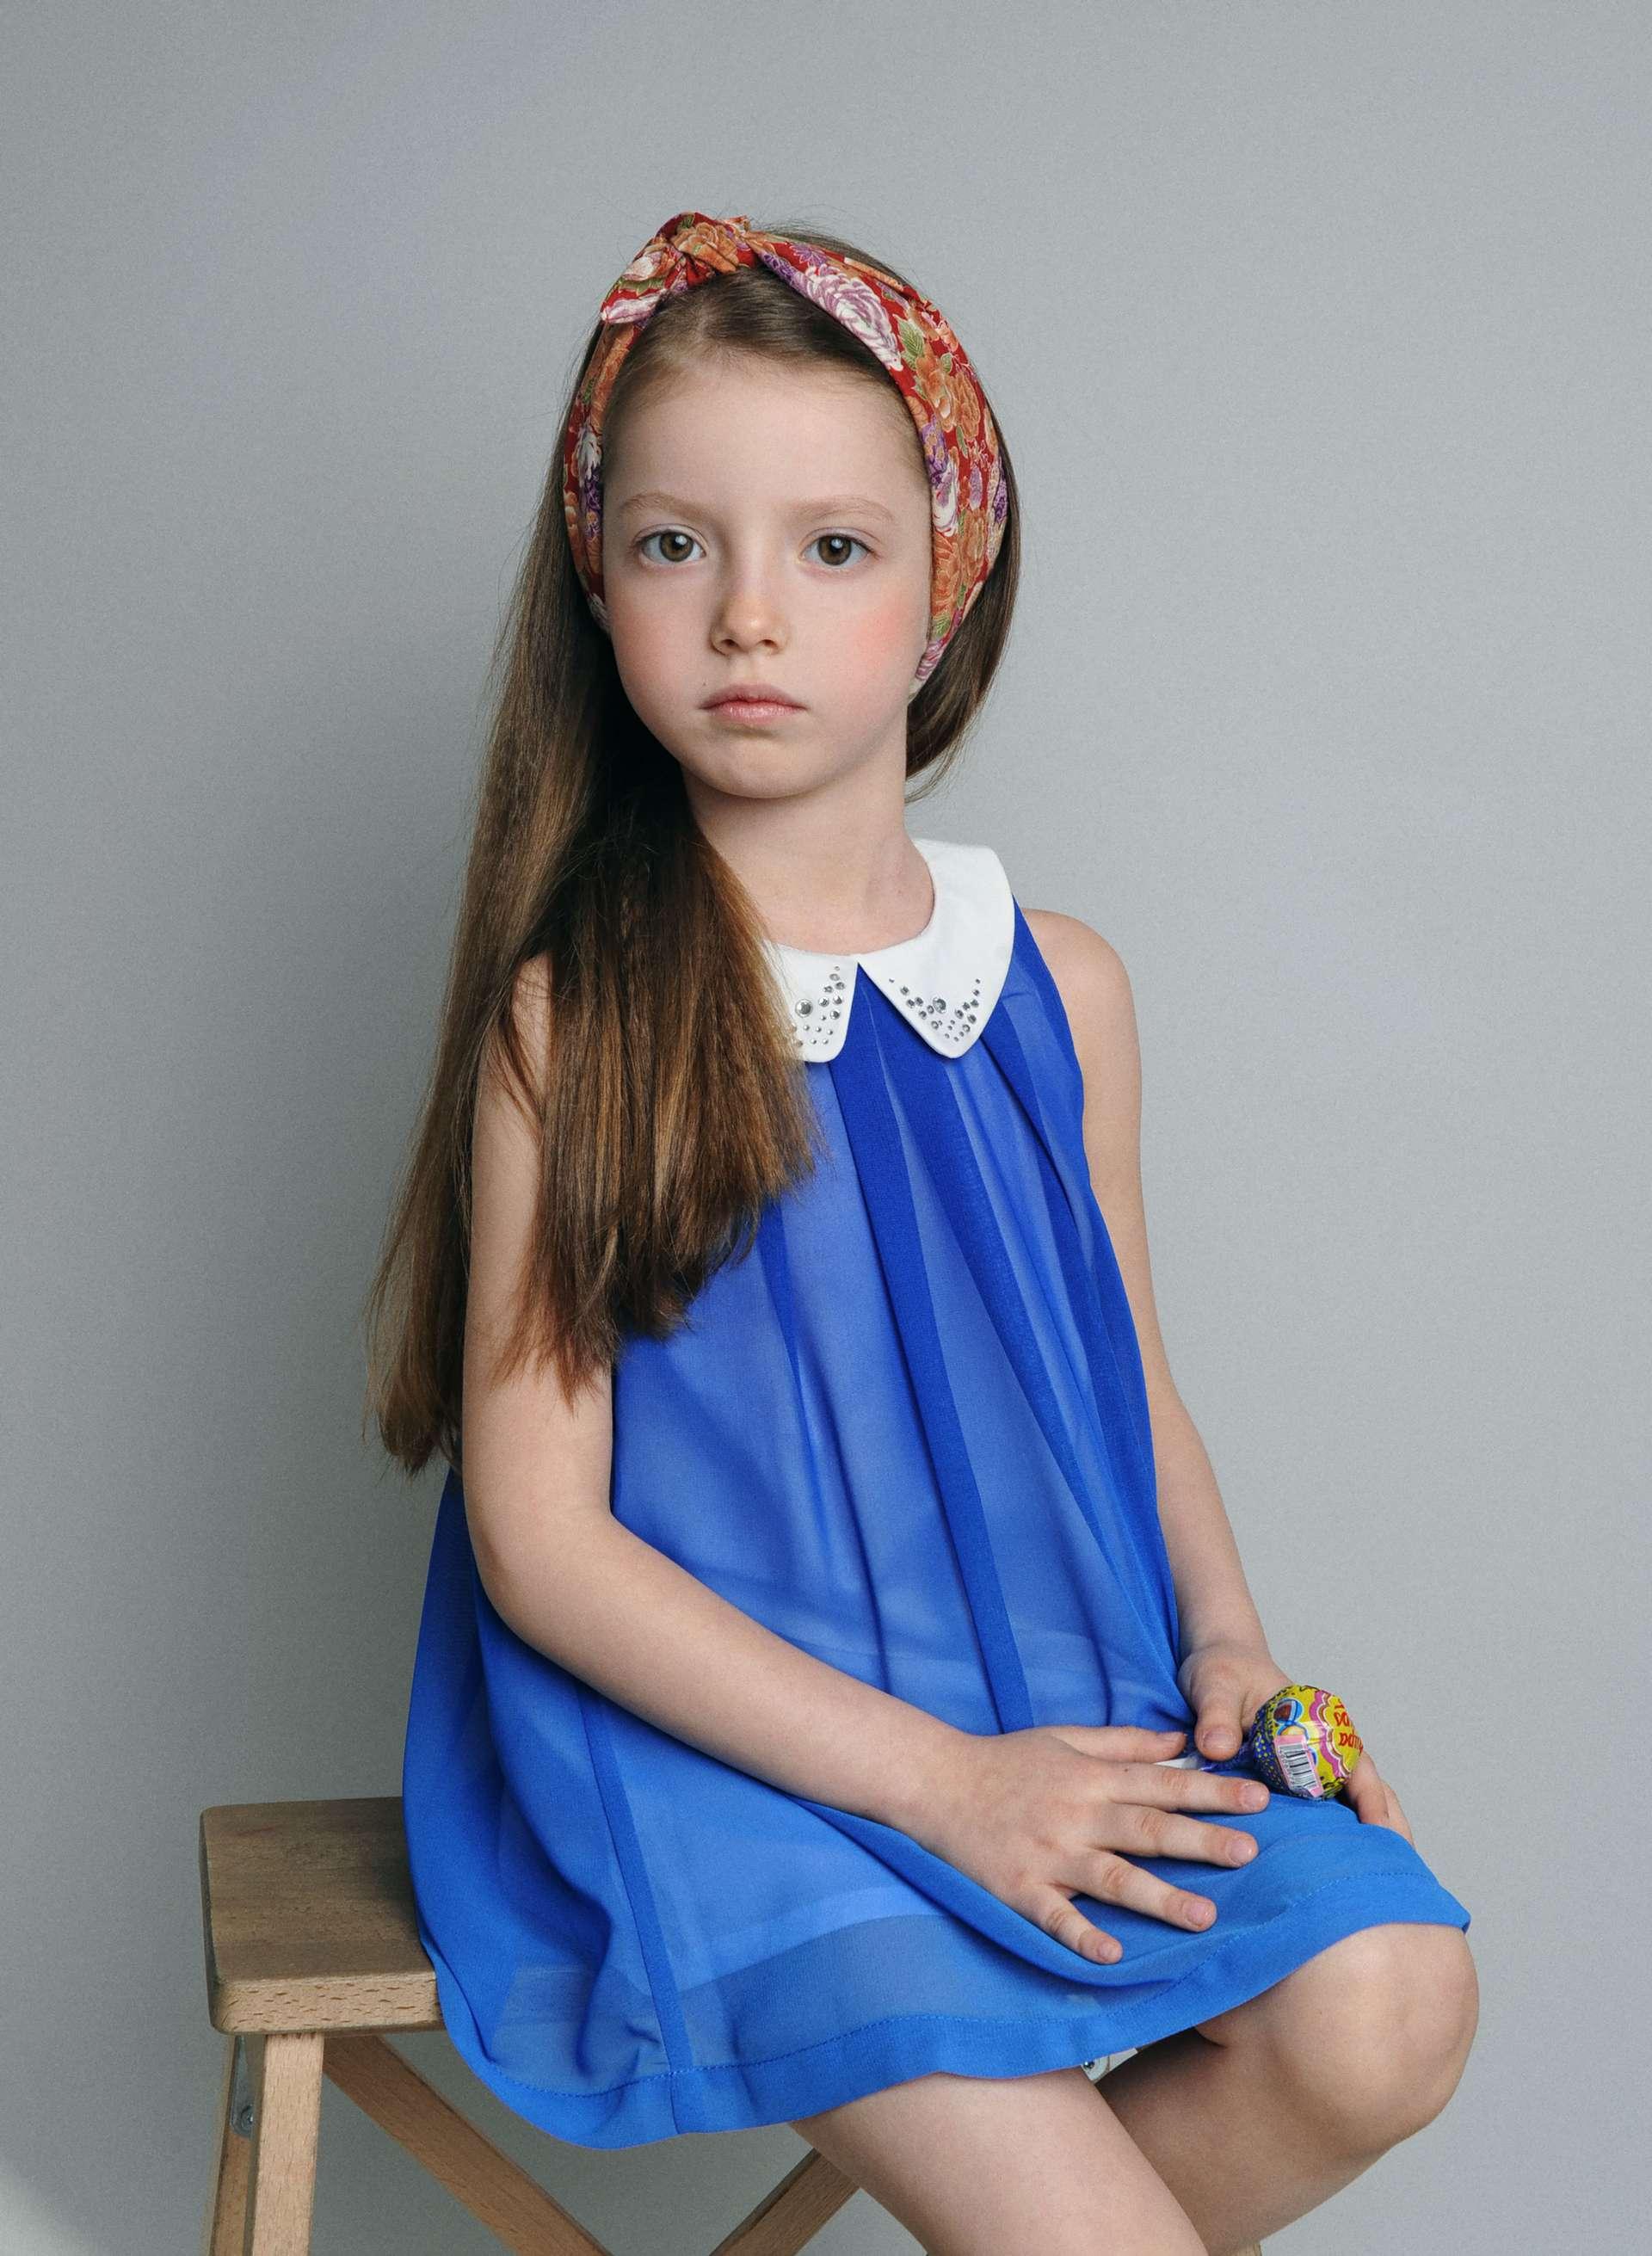 Кастинг детей моделей фото